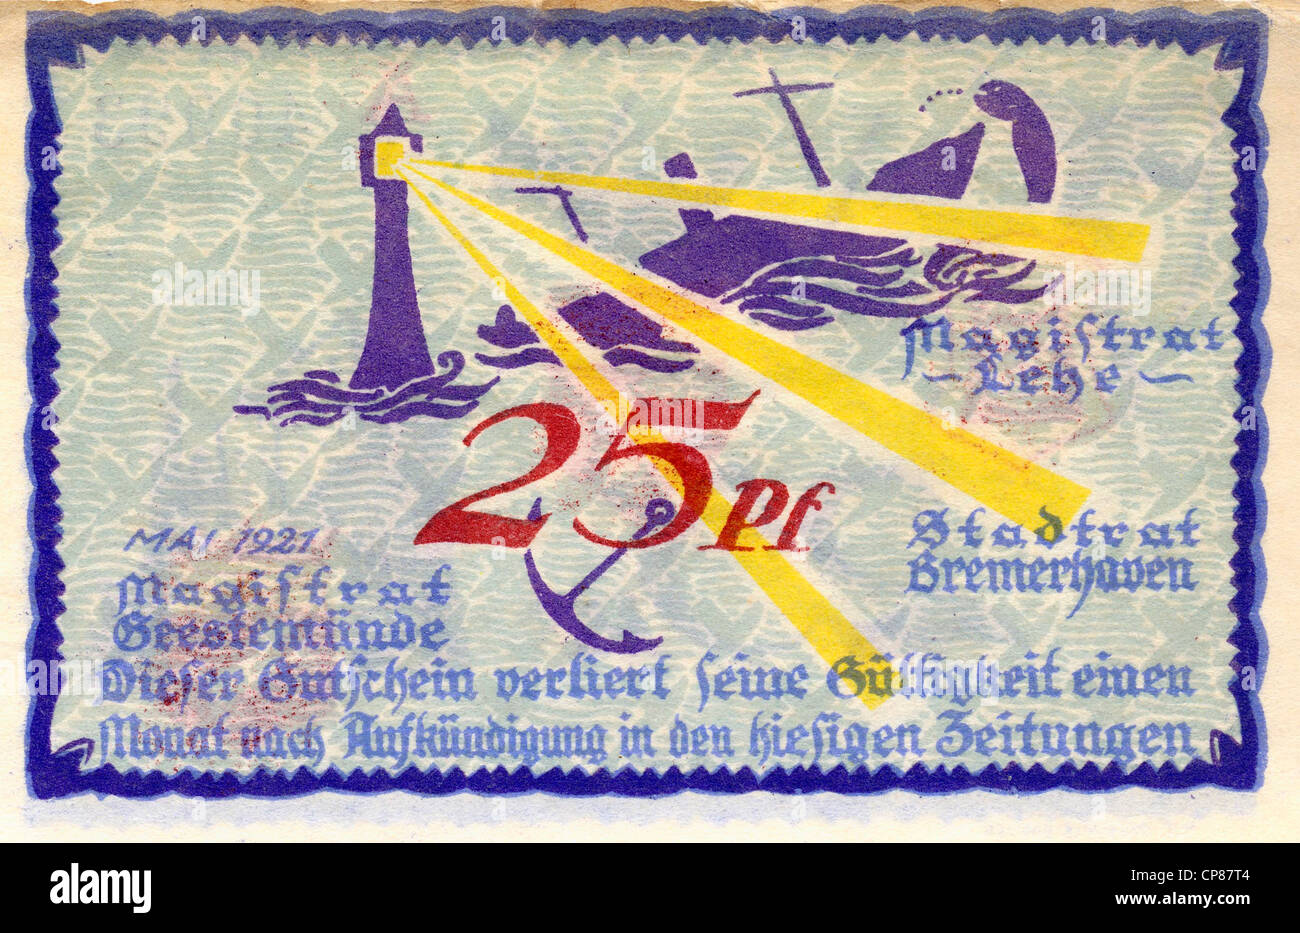 Notgeld aus Bremerhaven, 25 Pfennig, 1921, Alemania, Europa, Moneda, billetes de emergencia, Alemania, Europa Foto de stock